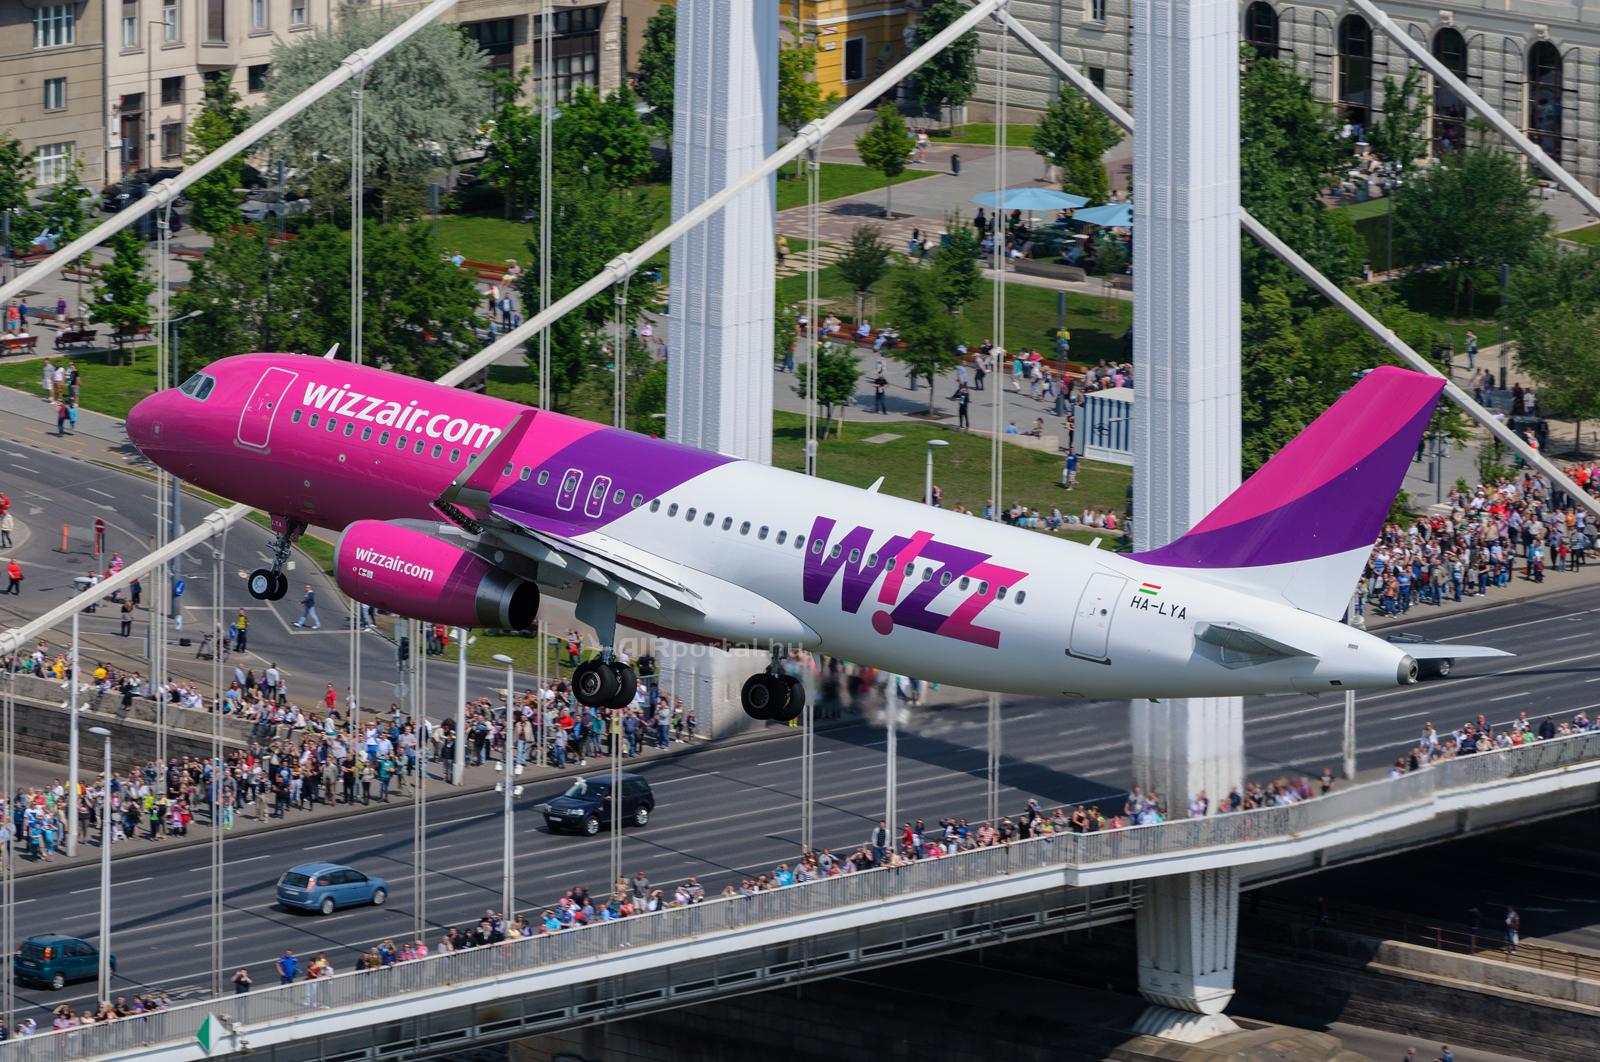 Úgy tűnik, hogy a Wizz Air ukrán ágazata egyelőre nem lesz szenvedő alany. (Fotó: Kovács Gábor - AIRportal.hu) | © AIRportal.hu